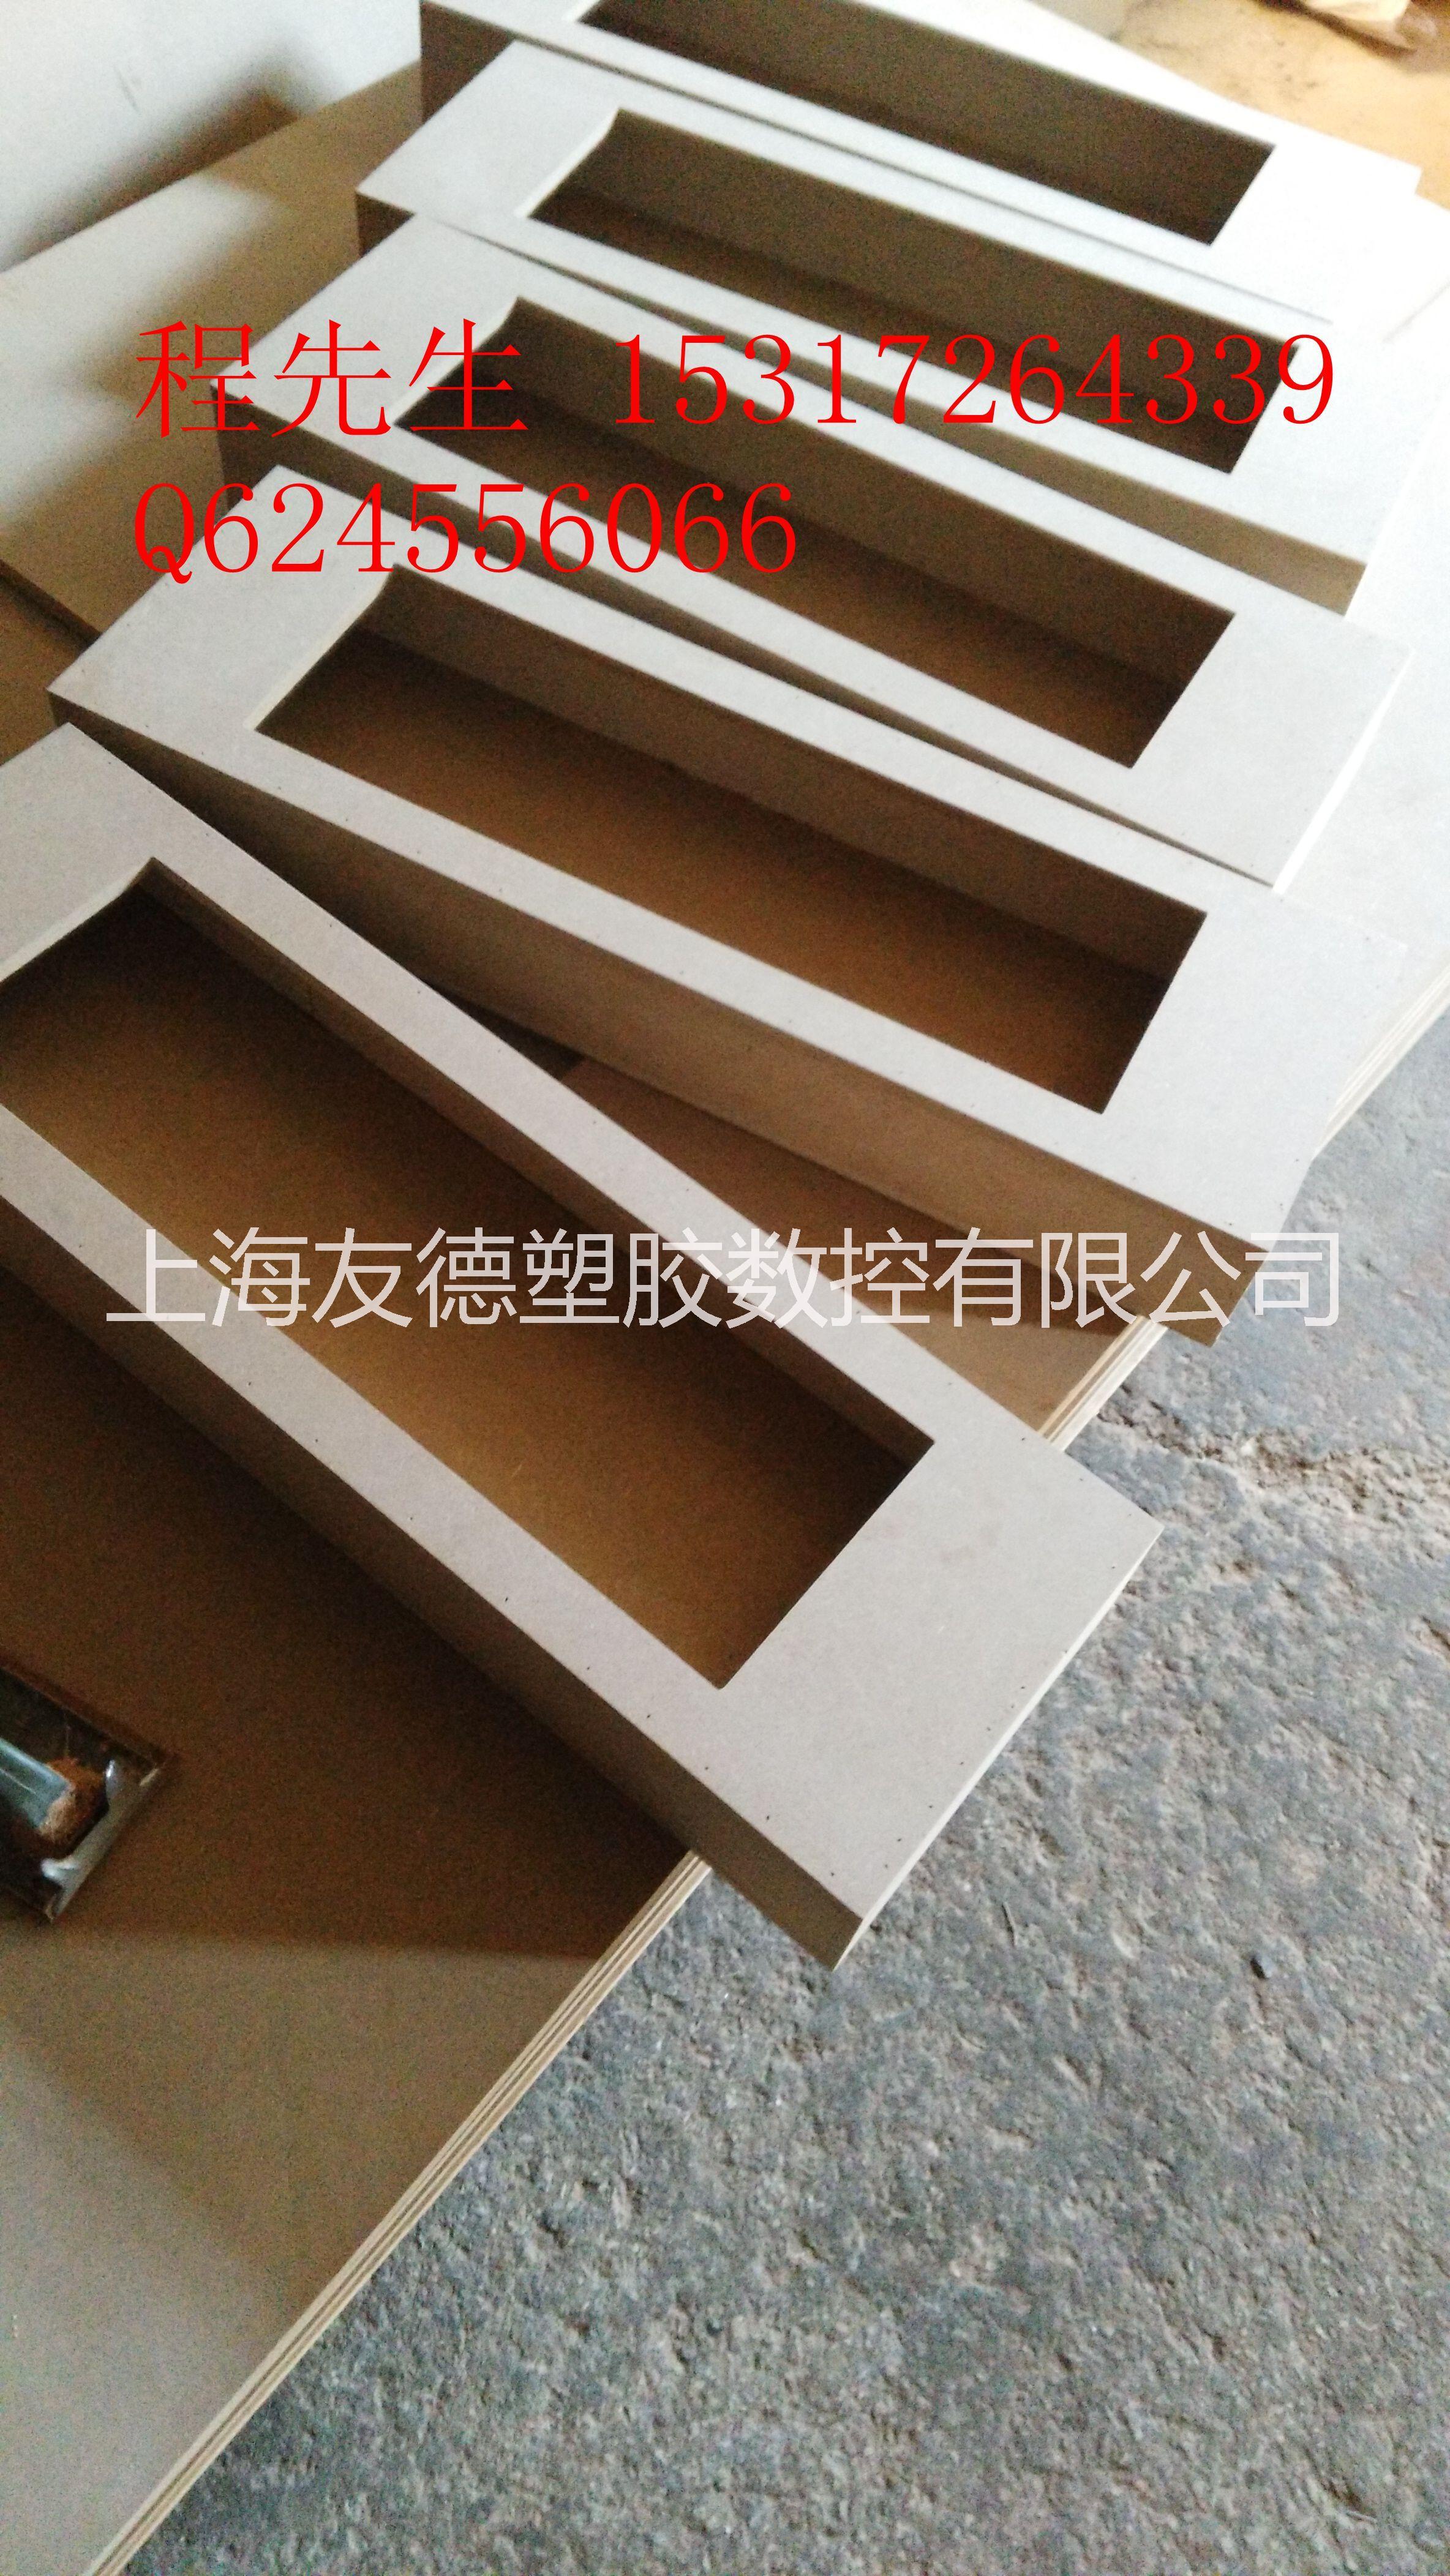 嘉定木板@嘉定密度板雕刻@上海密度板加工